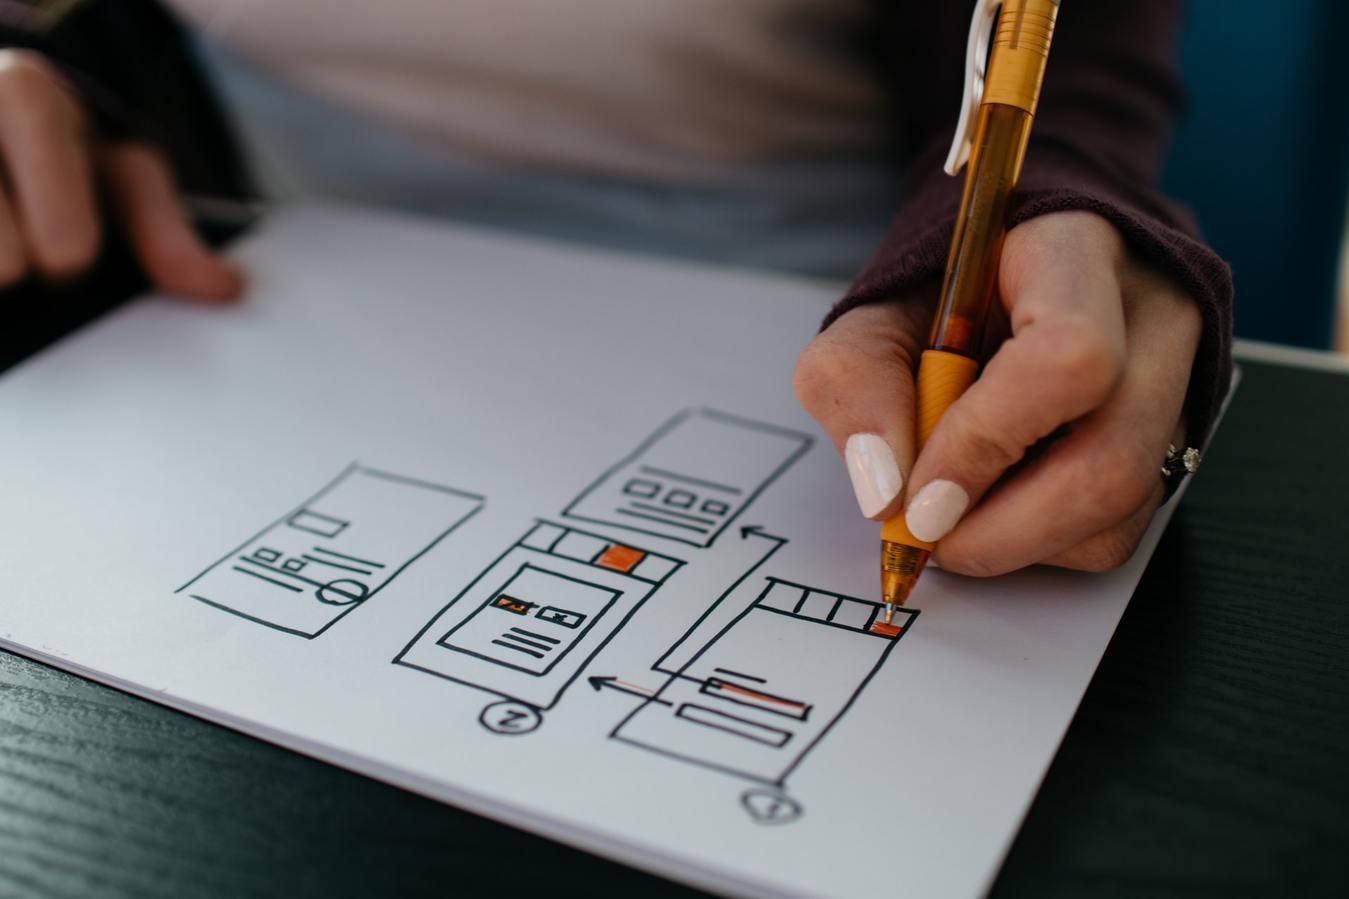 Desenho à mão da experiência do utilizador